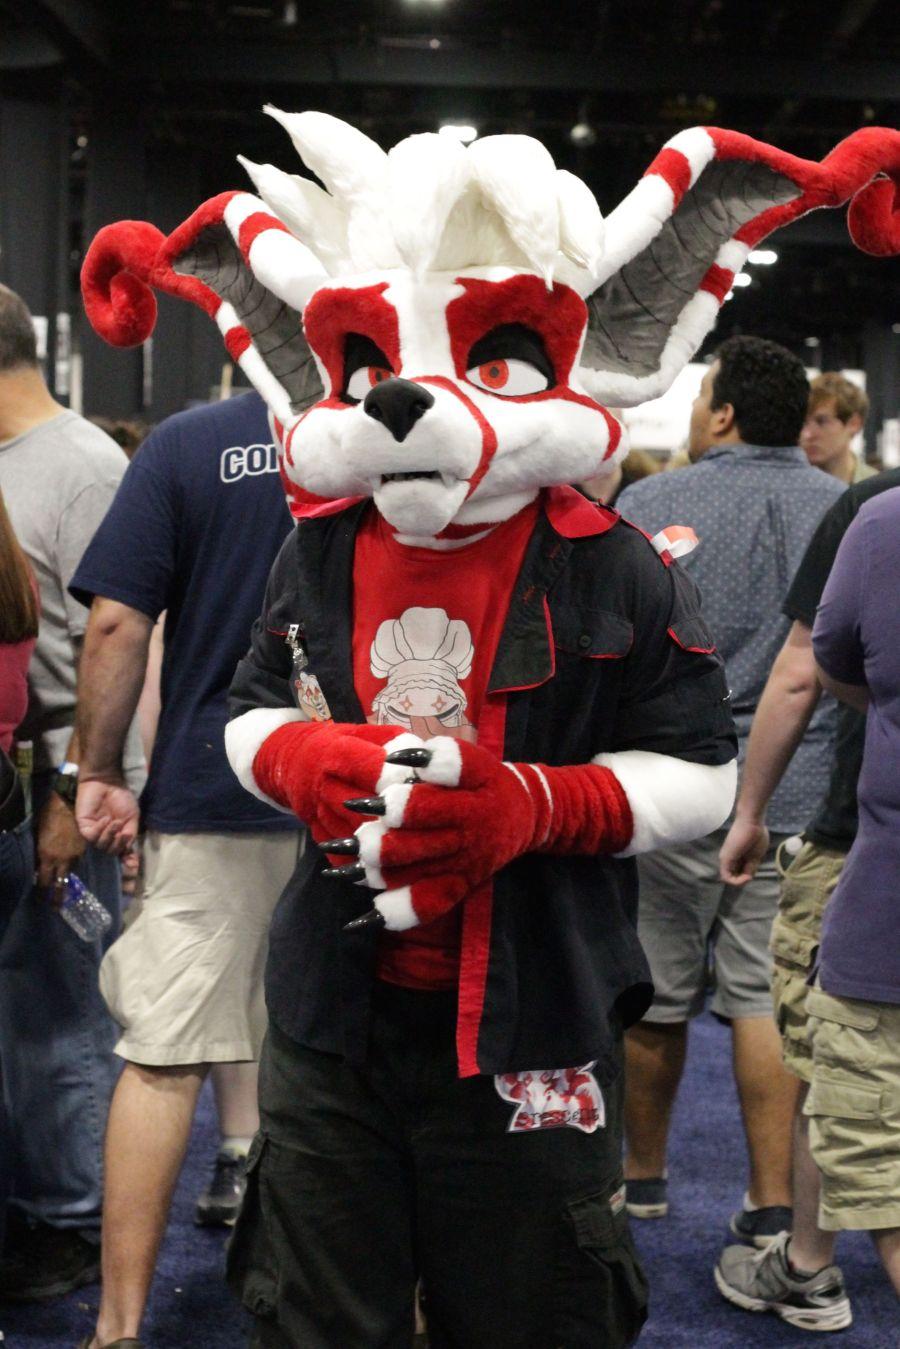 boston comic con august 8 costumes 32